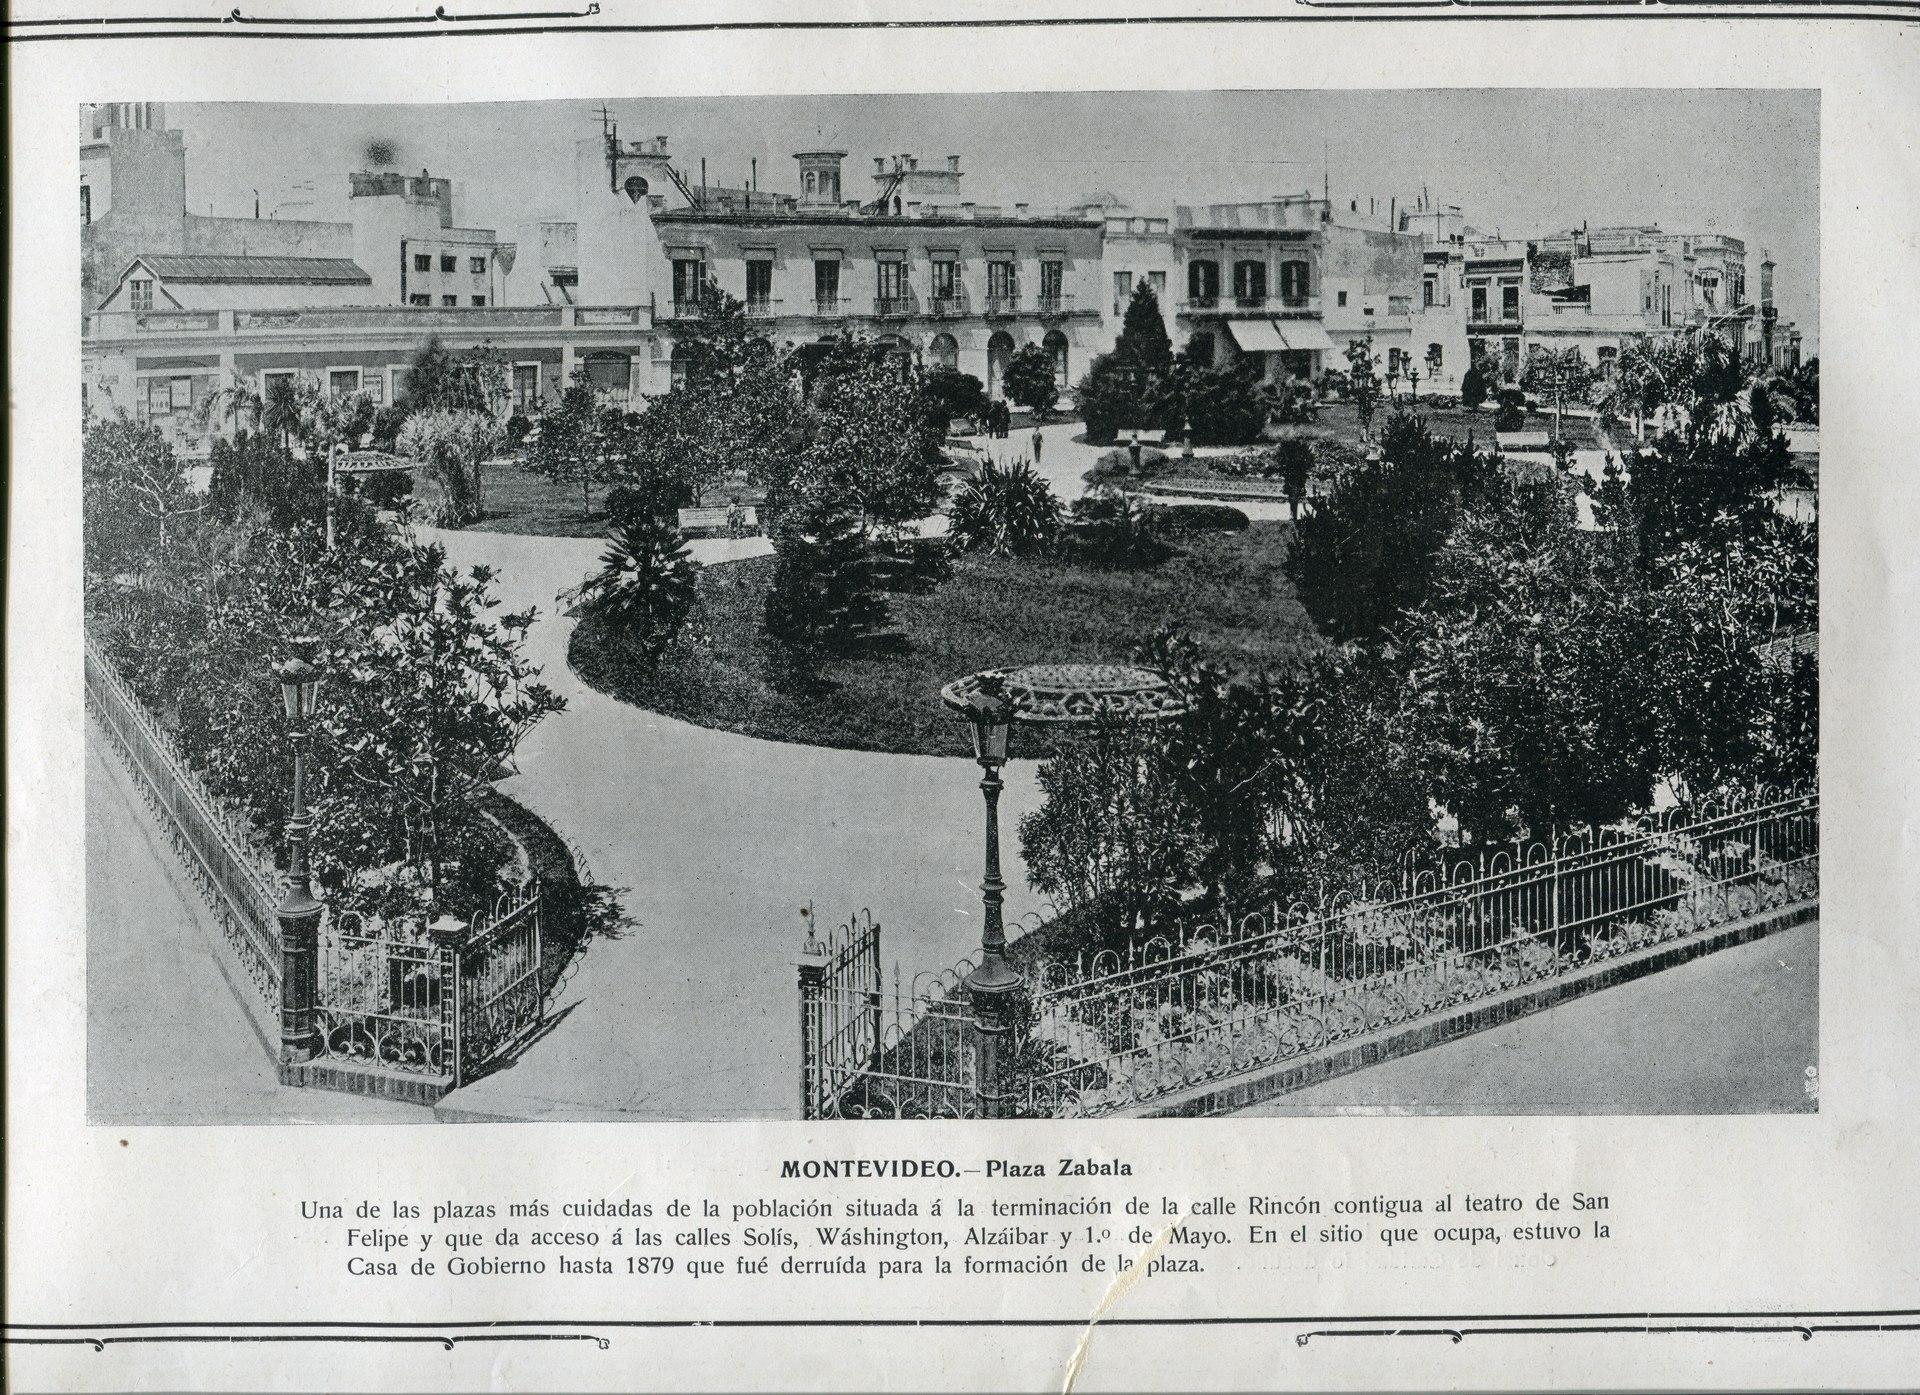 Plaza Zabala - Montevideo.tif